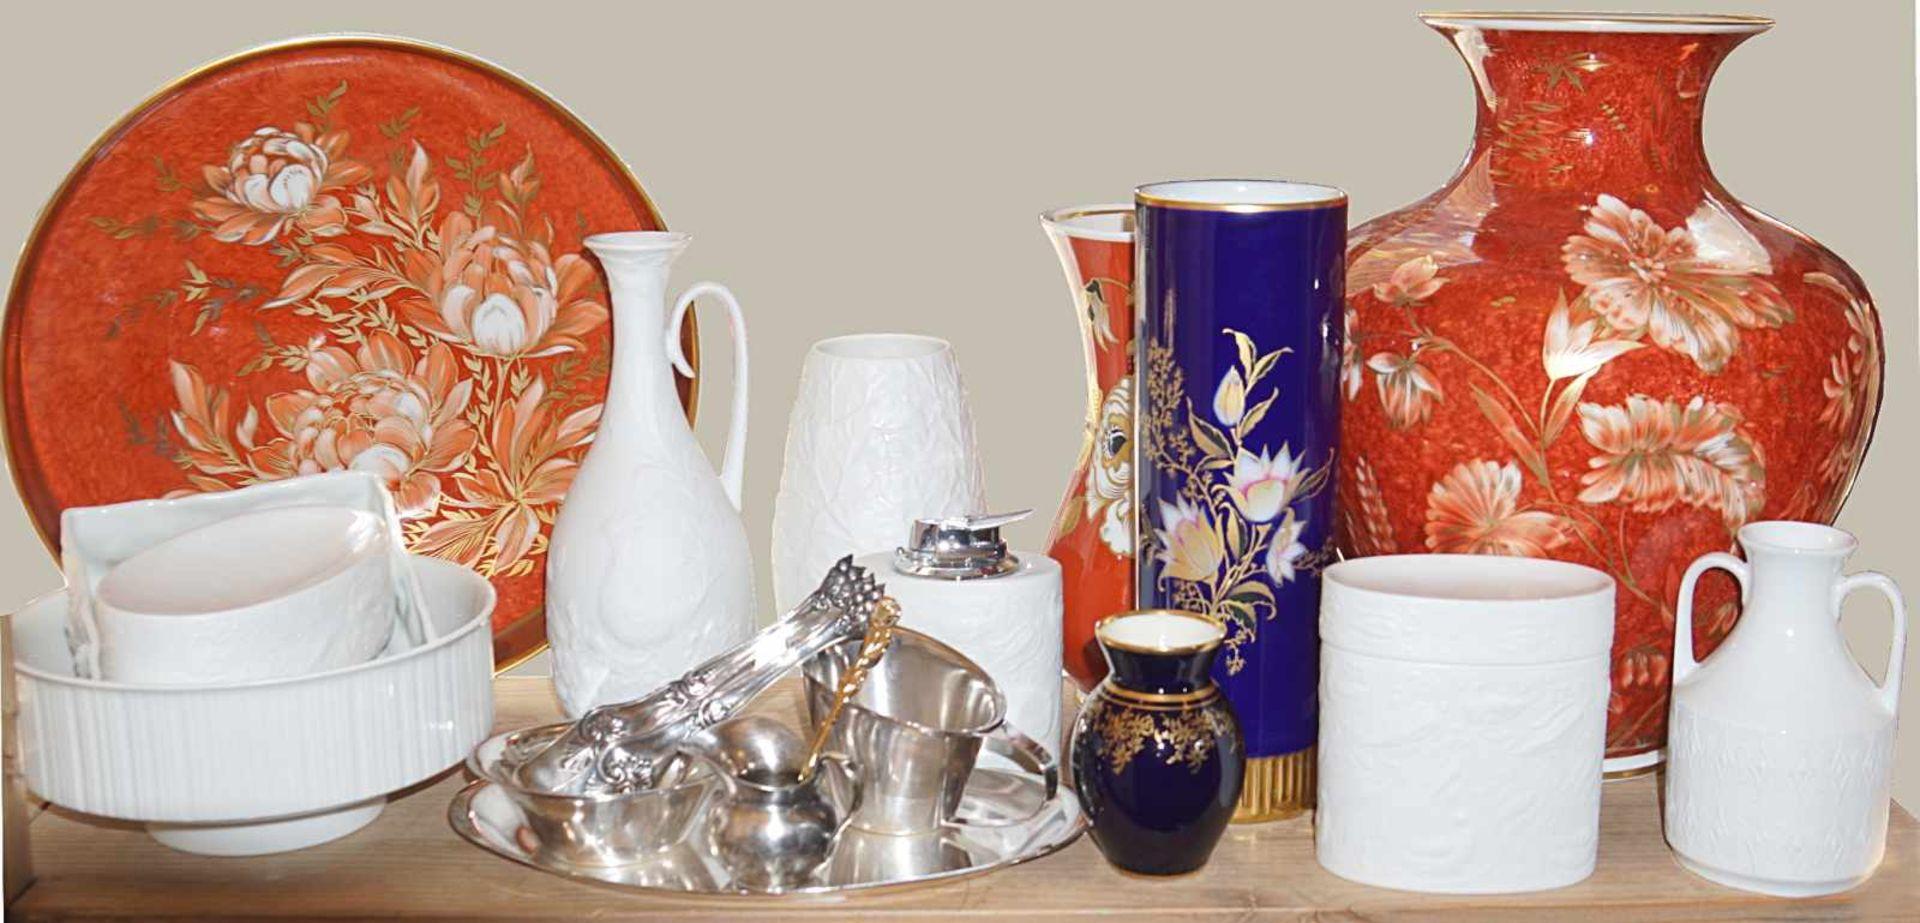 1 Konv. Porzellanz.T. ROSENTHAL KAISER Vasen Schalen u.a. z.T. Bisquitporz. versch. Gr. Asp.